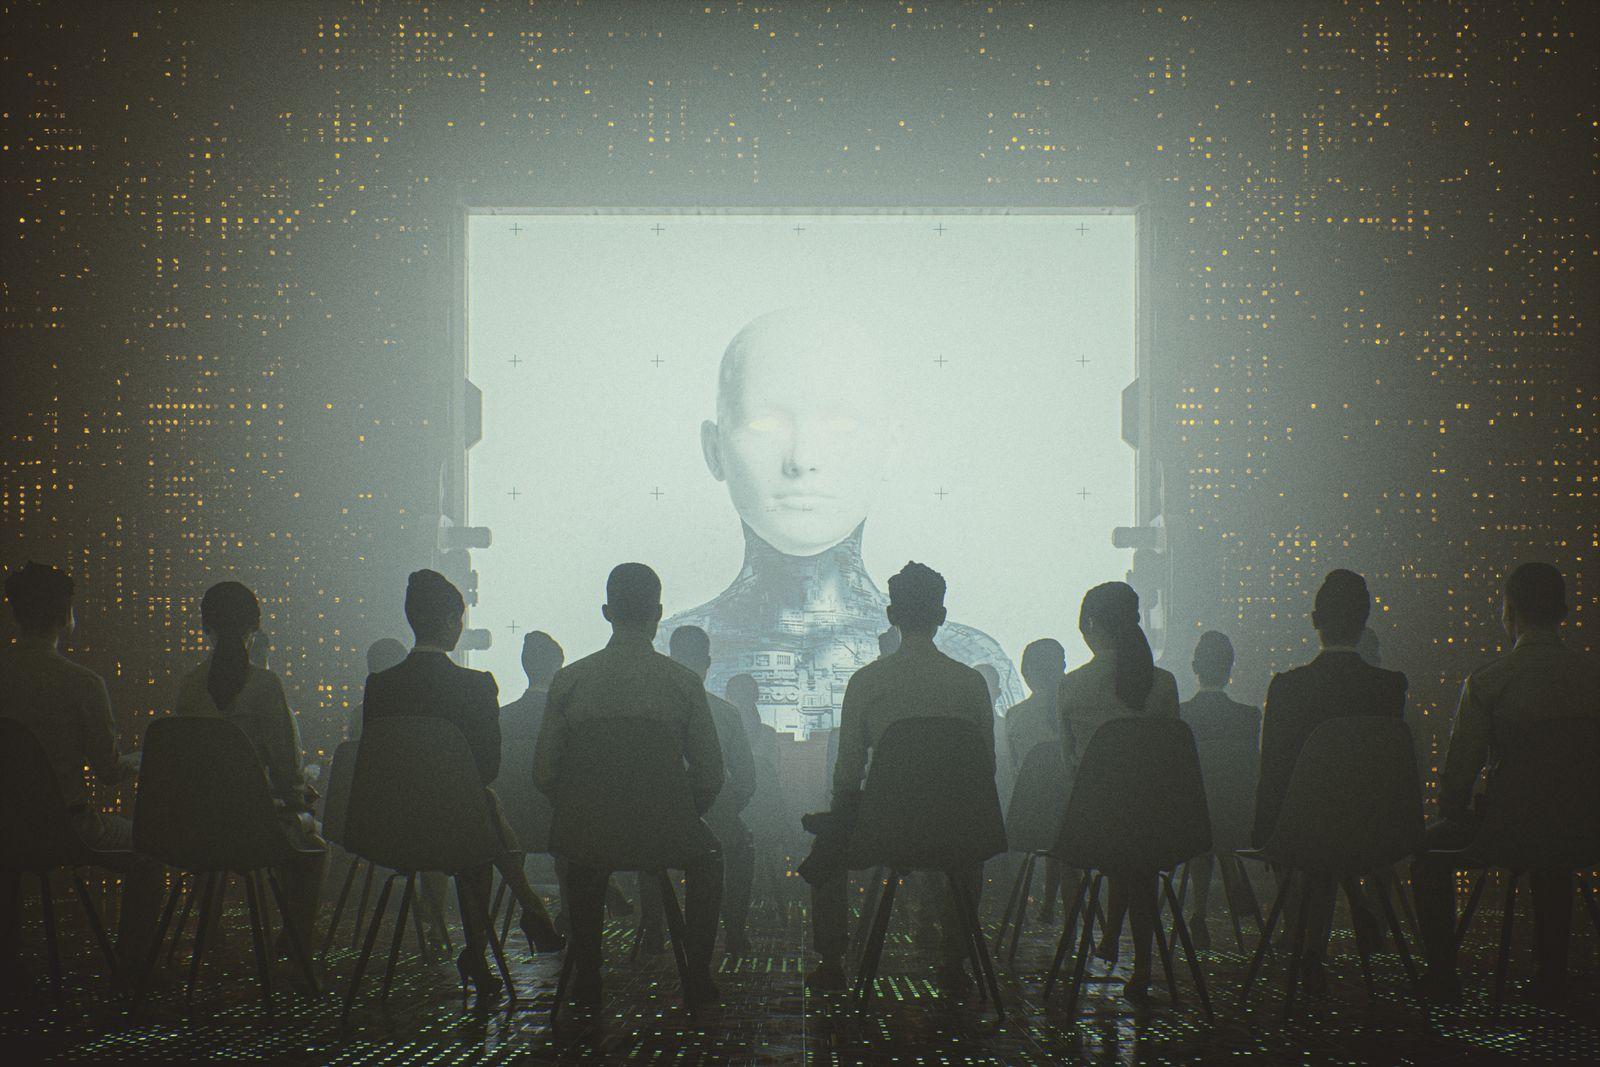 Futuristic cyborg religion and control